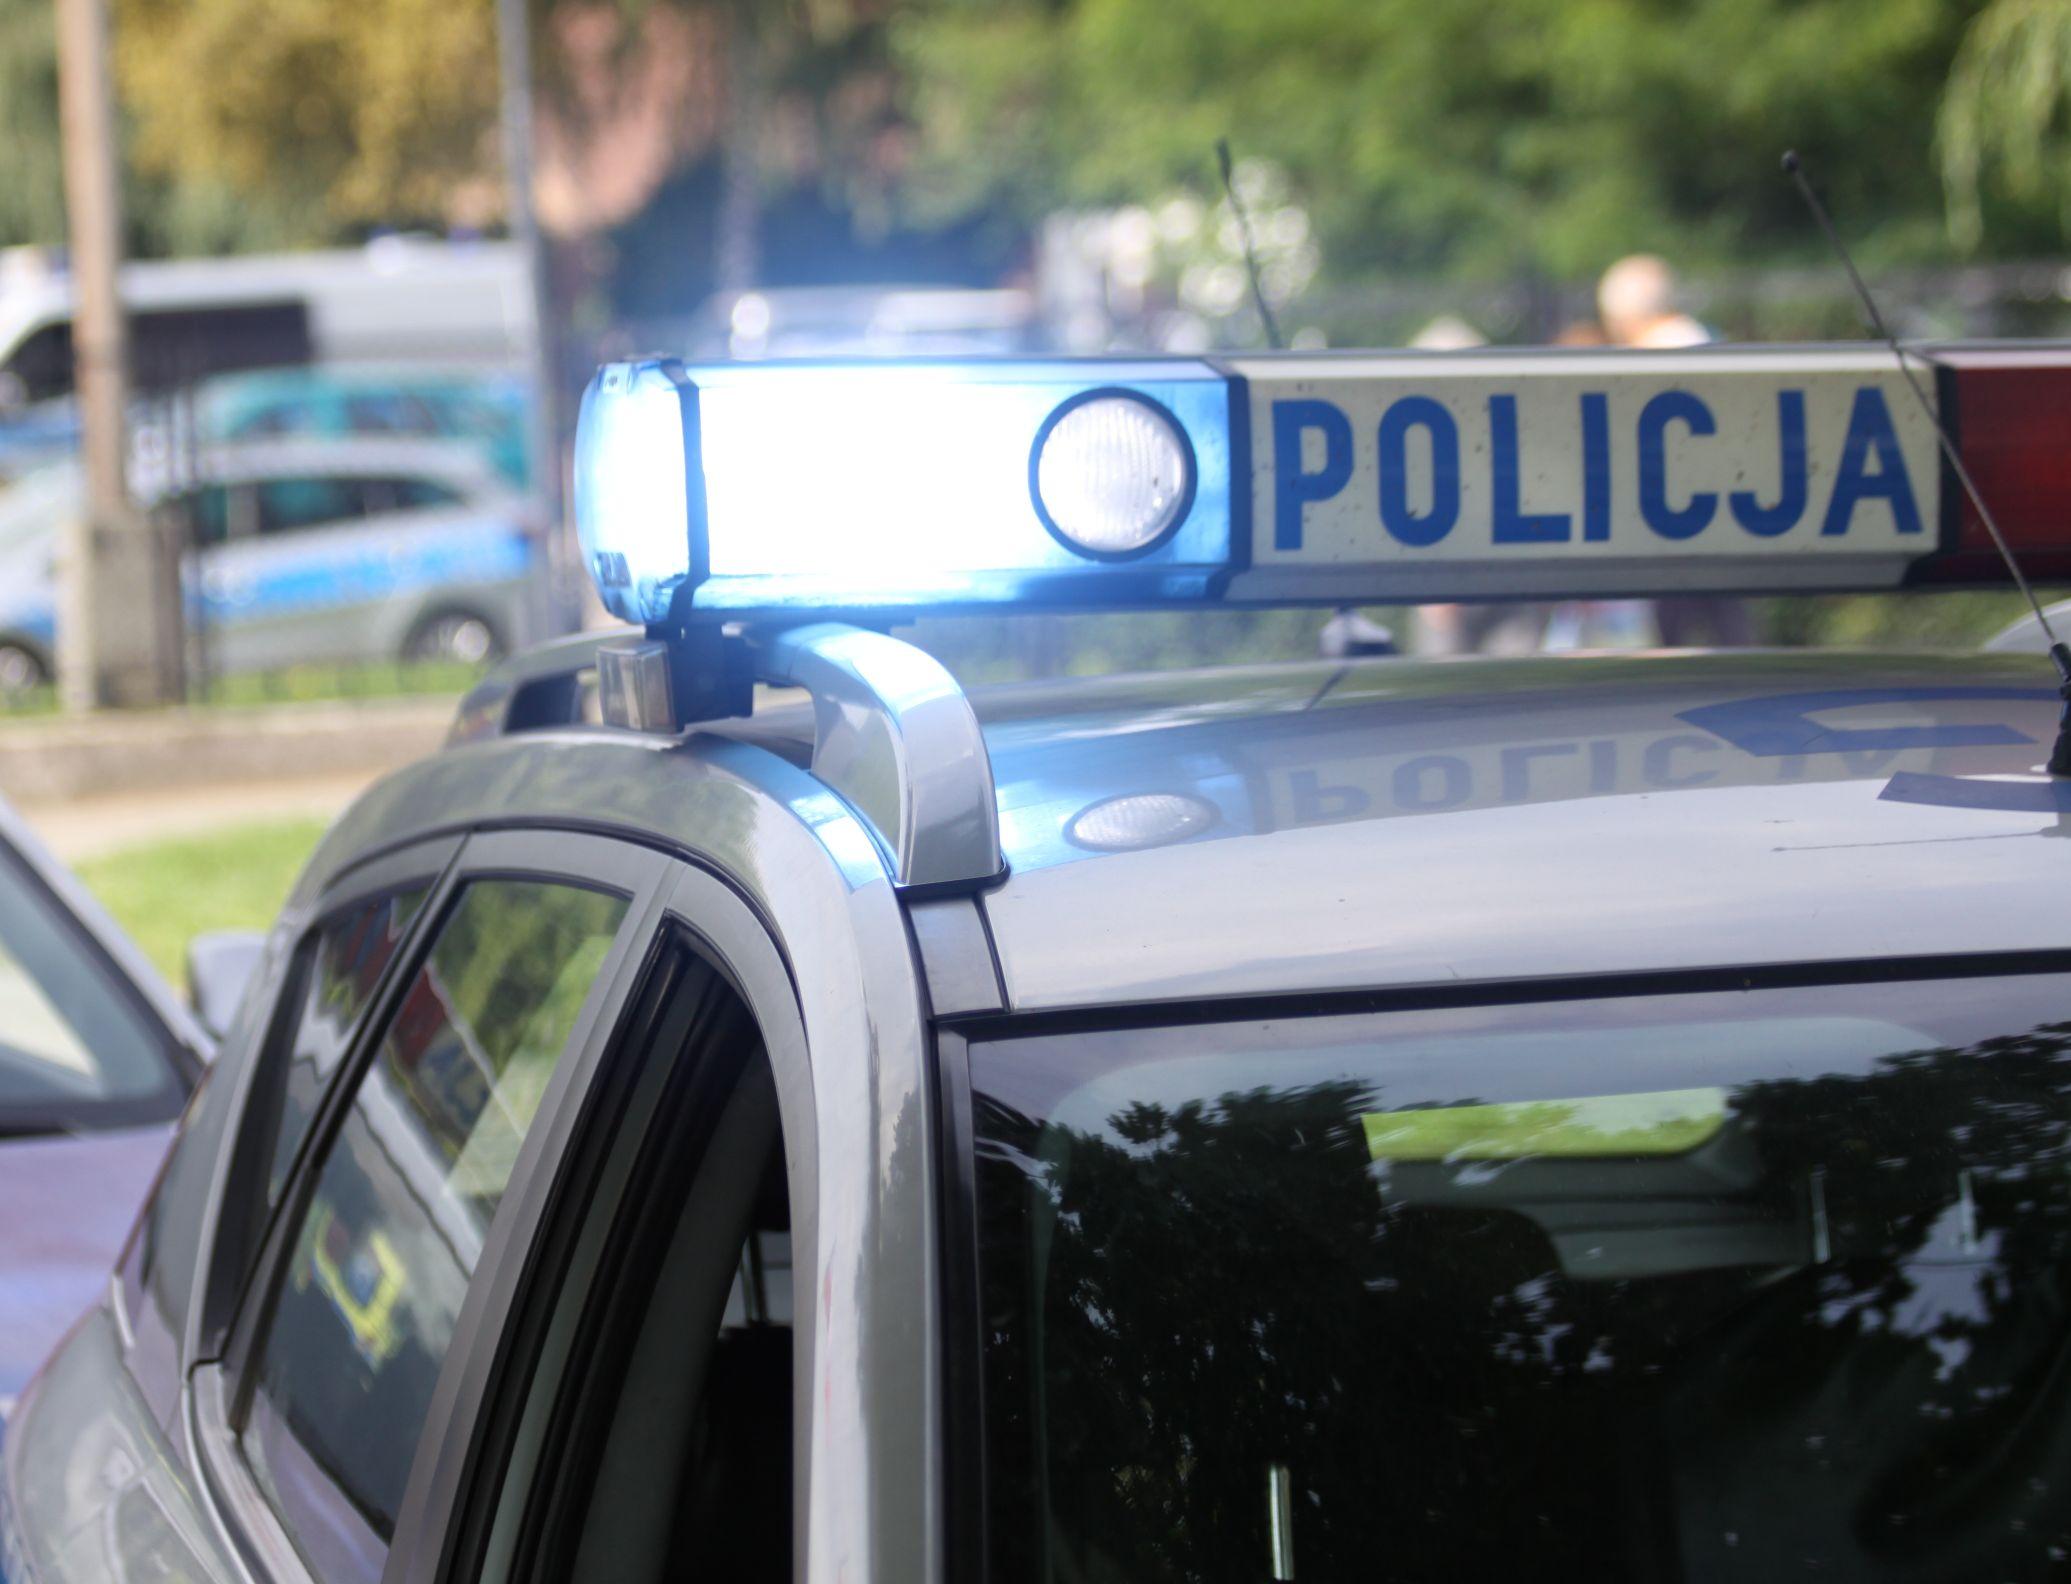 POLICJA OSTRZEGA: oszuści podawali się za pracowników wodociągów, okradli bielszczankę